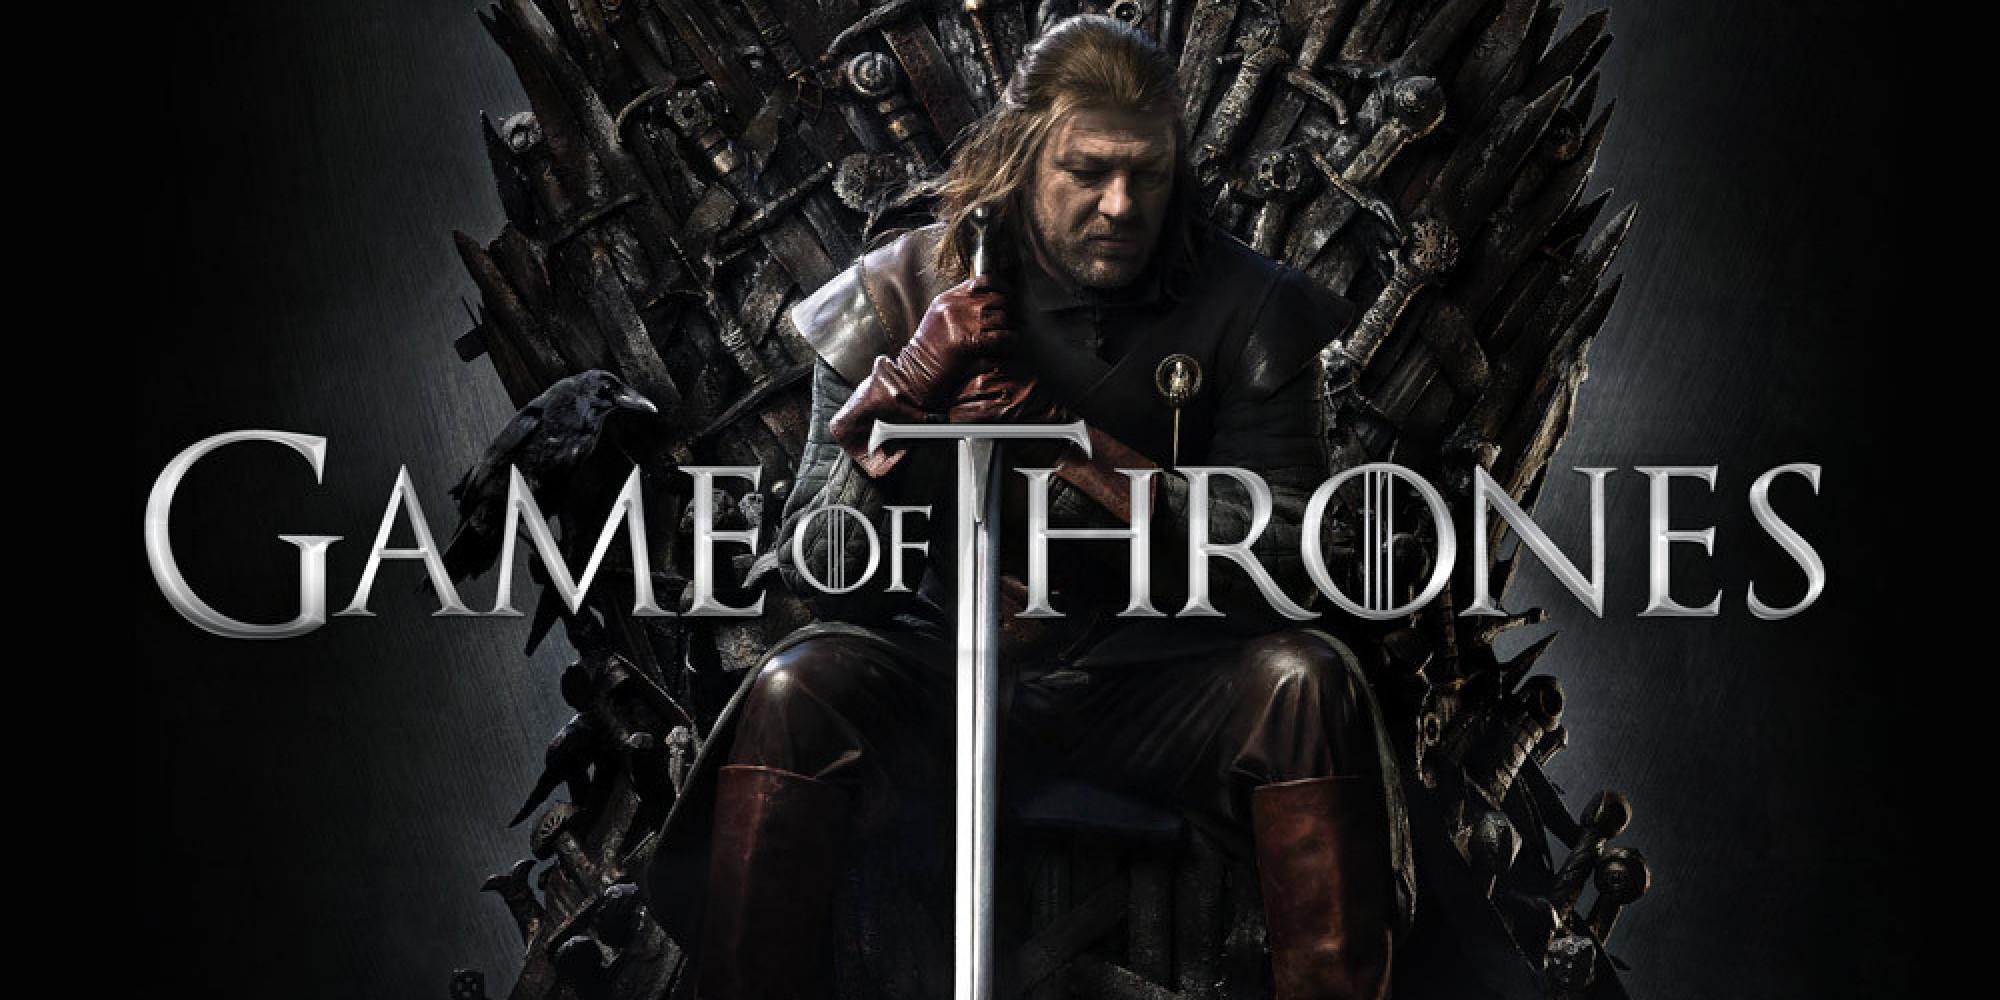 Jeu Game of Thrones première Saison (6 épisodes) sur Xbox ONE